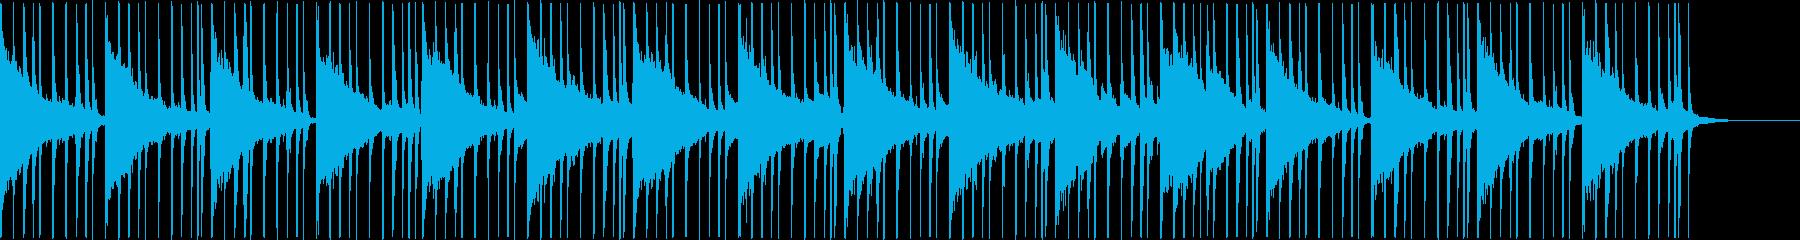 ジャズ風のお洒落なアンビエントの再生済みの波形